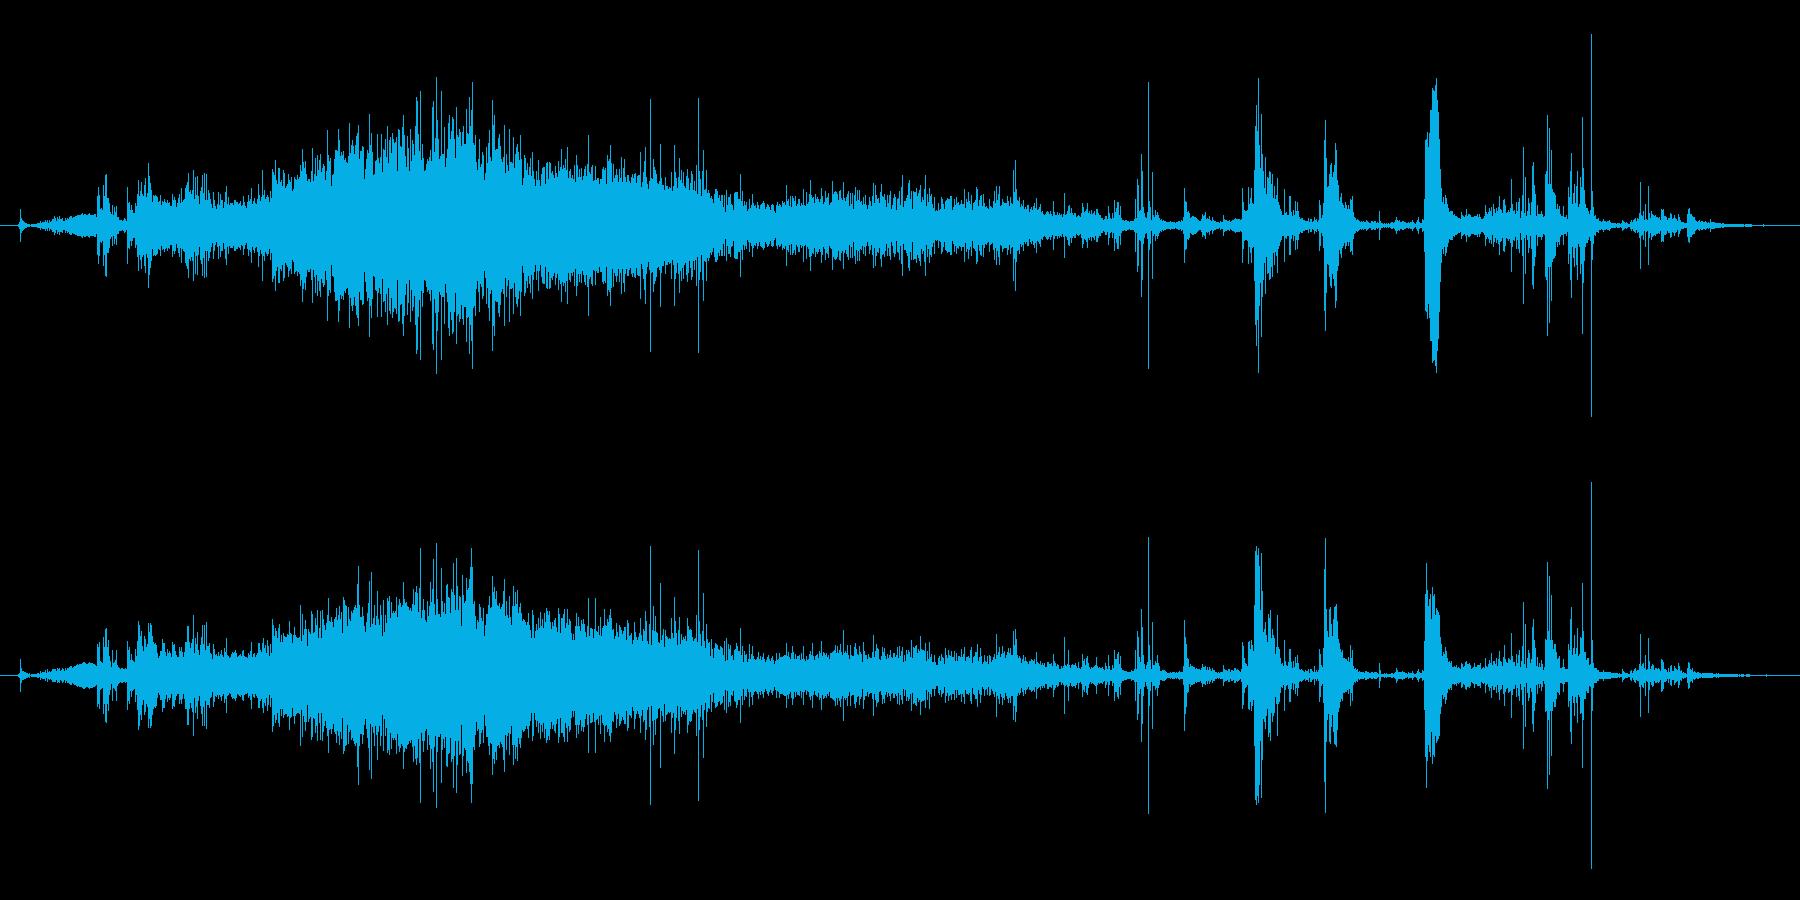 メタリック摩擦スクレープ、メタルフ...の再生済みの波形